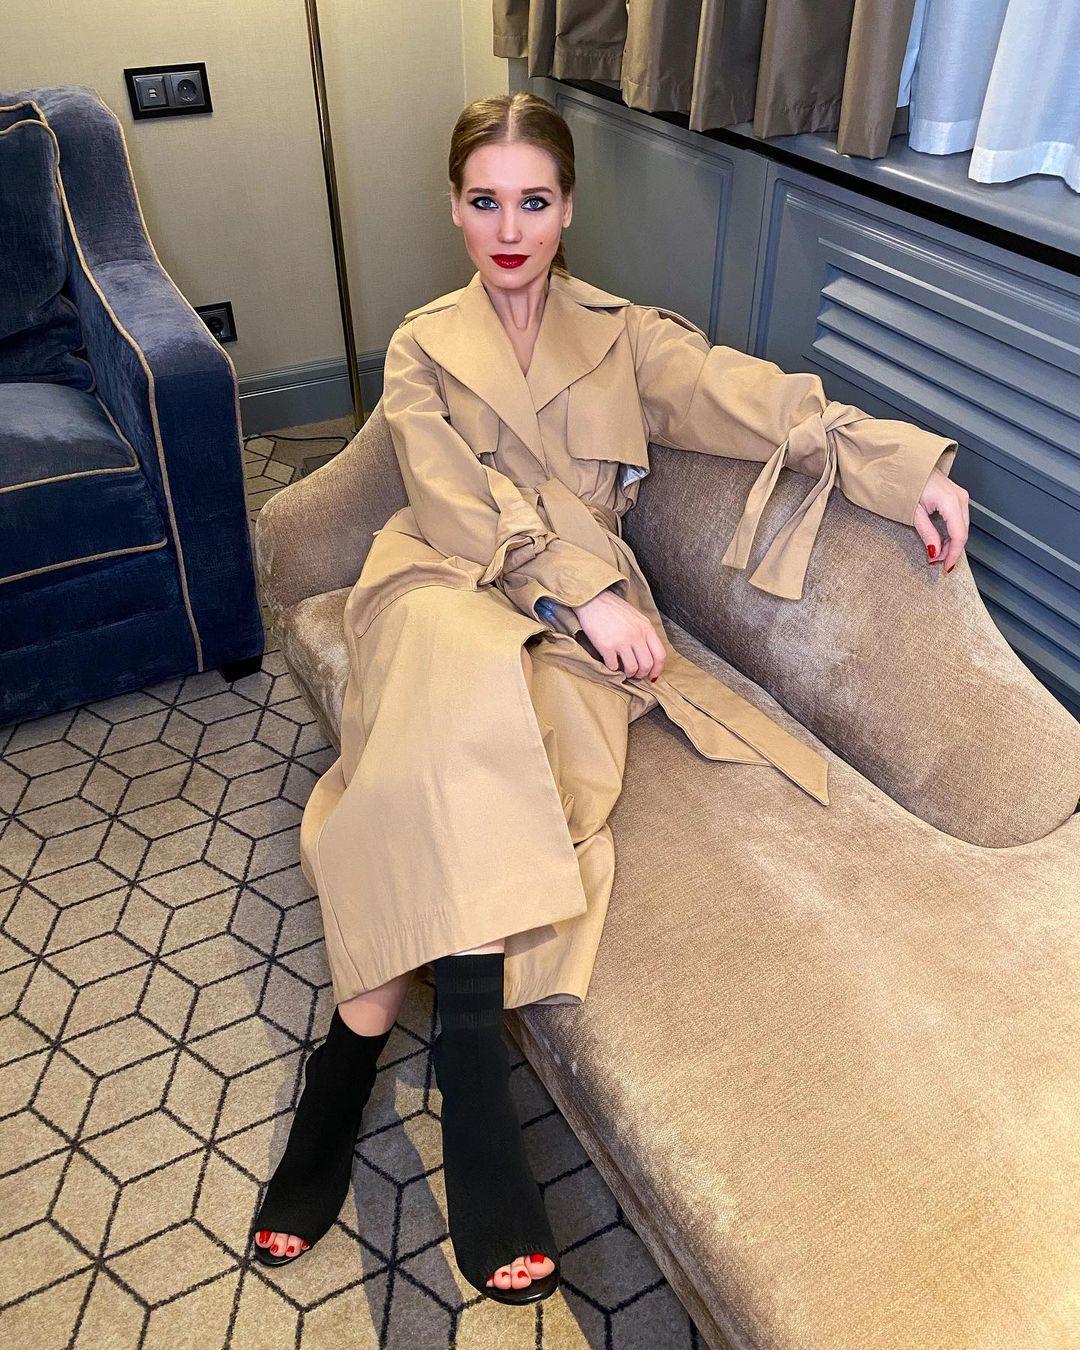 Кристина Асмус сообщила, что Гарик Харламов виноват в её фобии